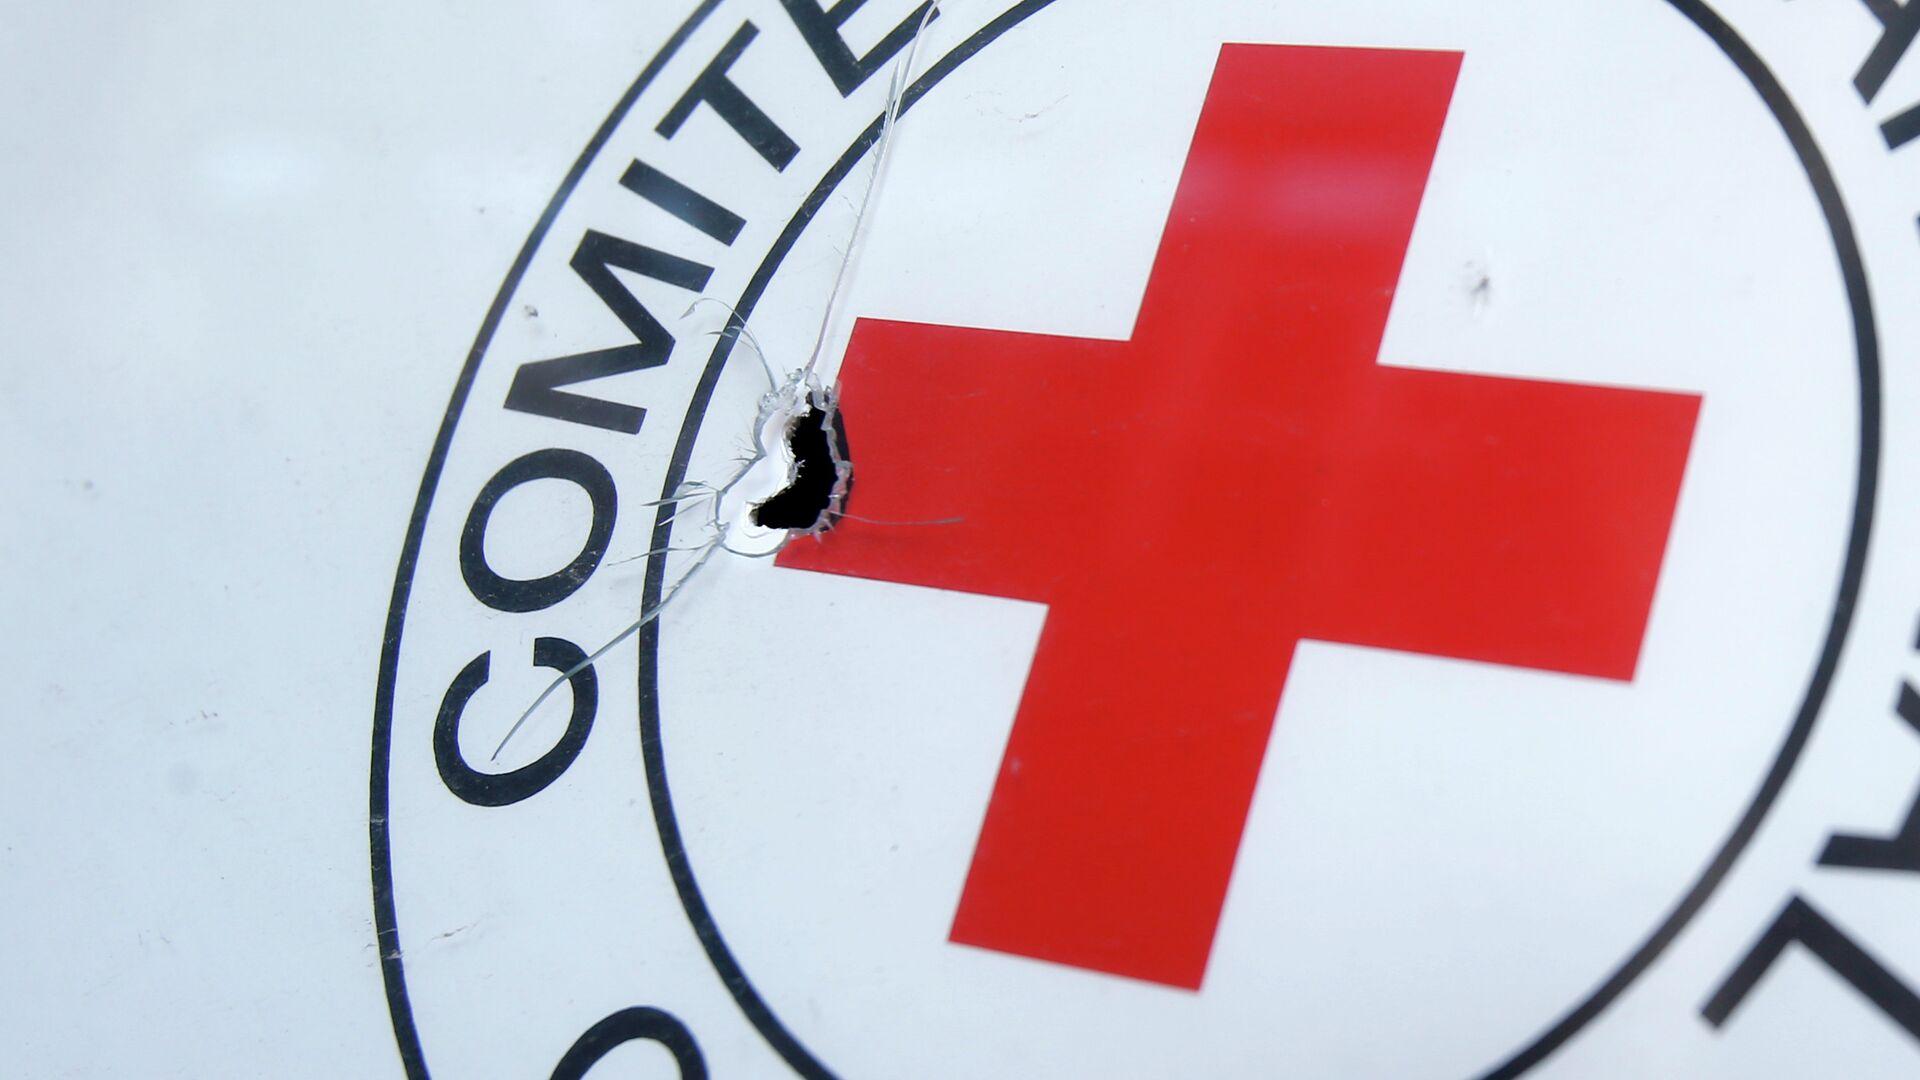 Croce rossa sotto attacco - Sputnik Italia, 1920, 13.09.2021